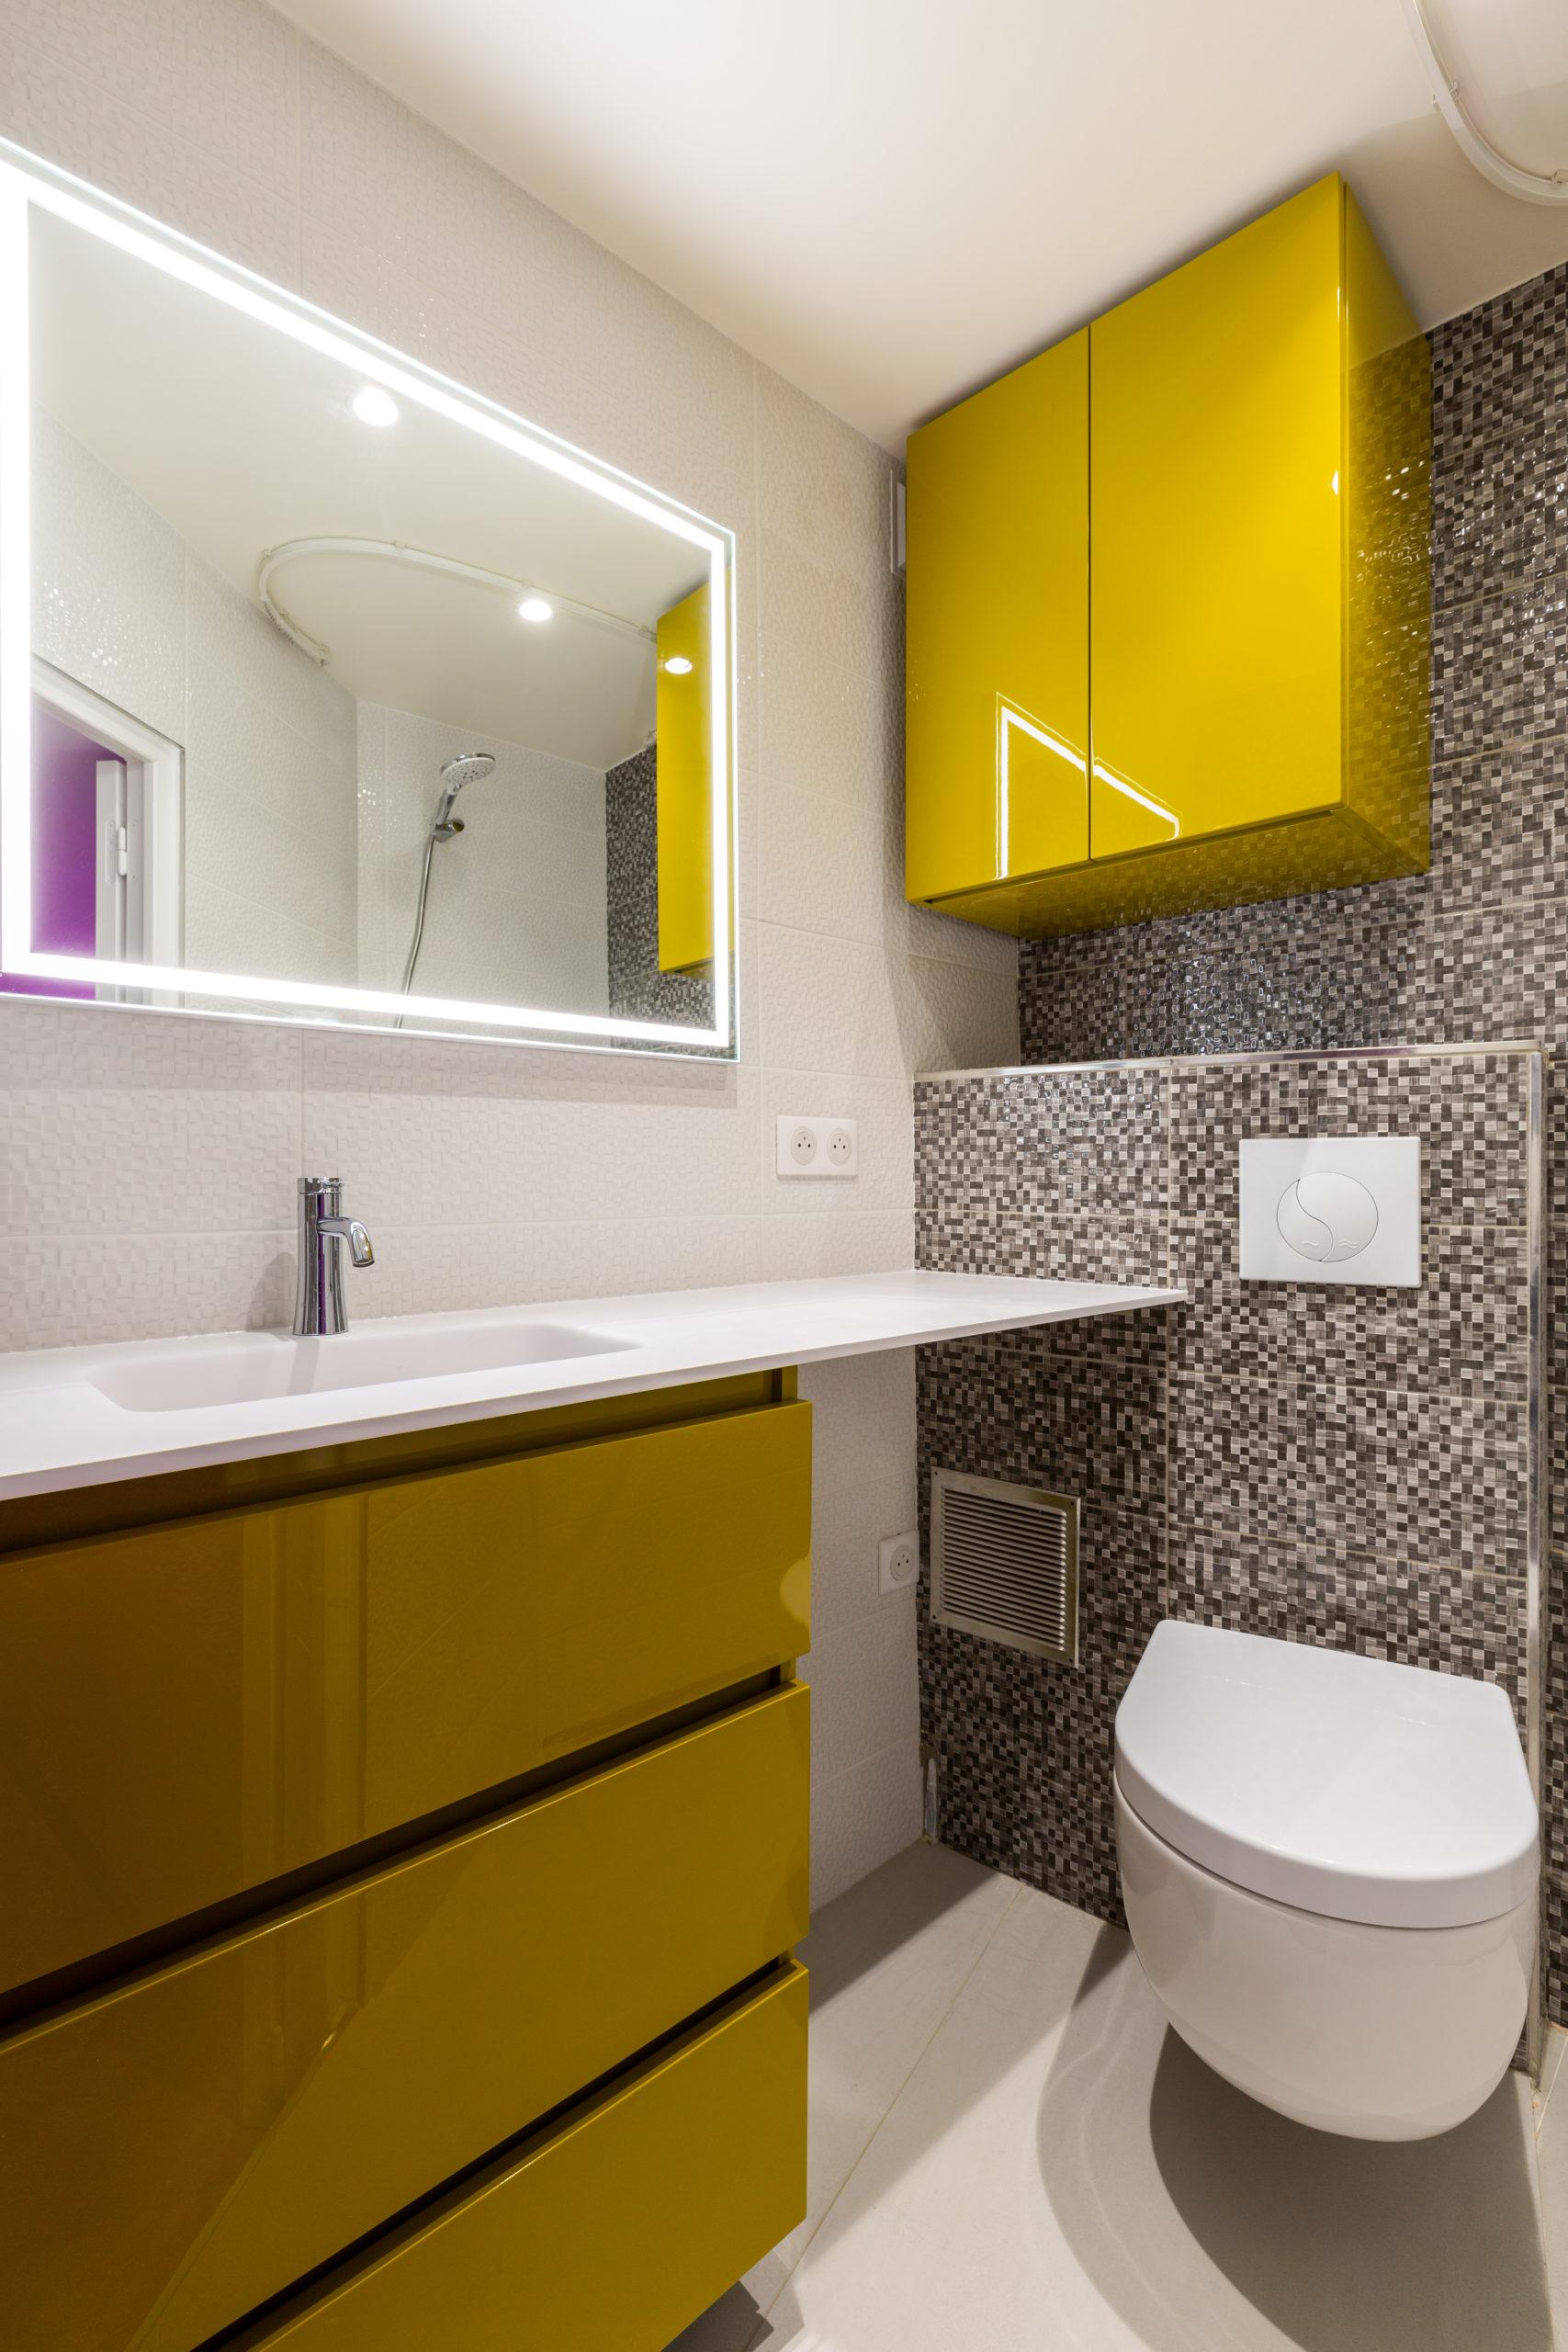 Rénovation salle de bain petite superficie